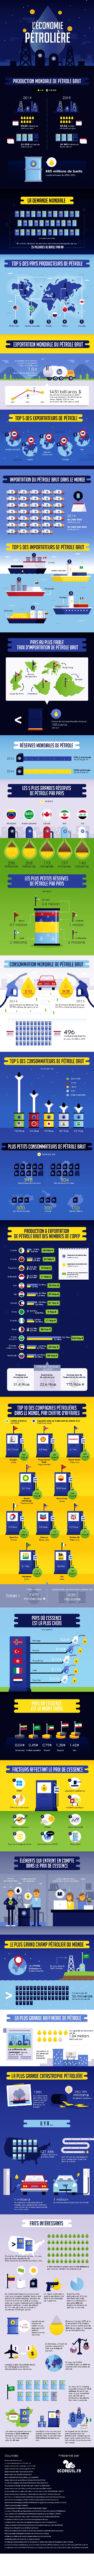 Infographie économie pétrolière